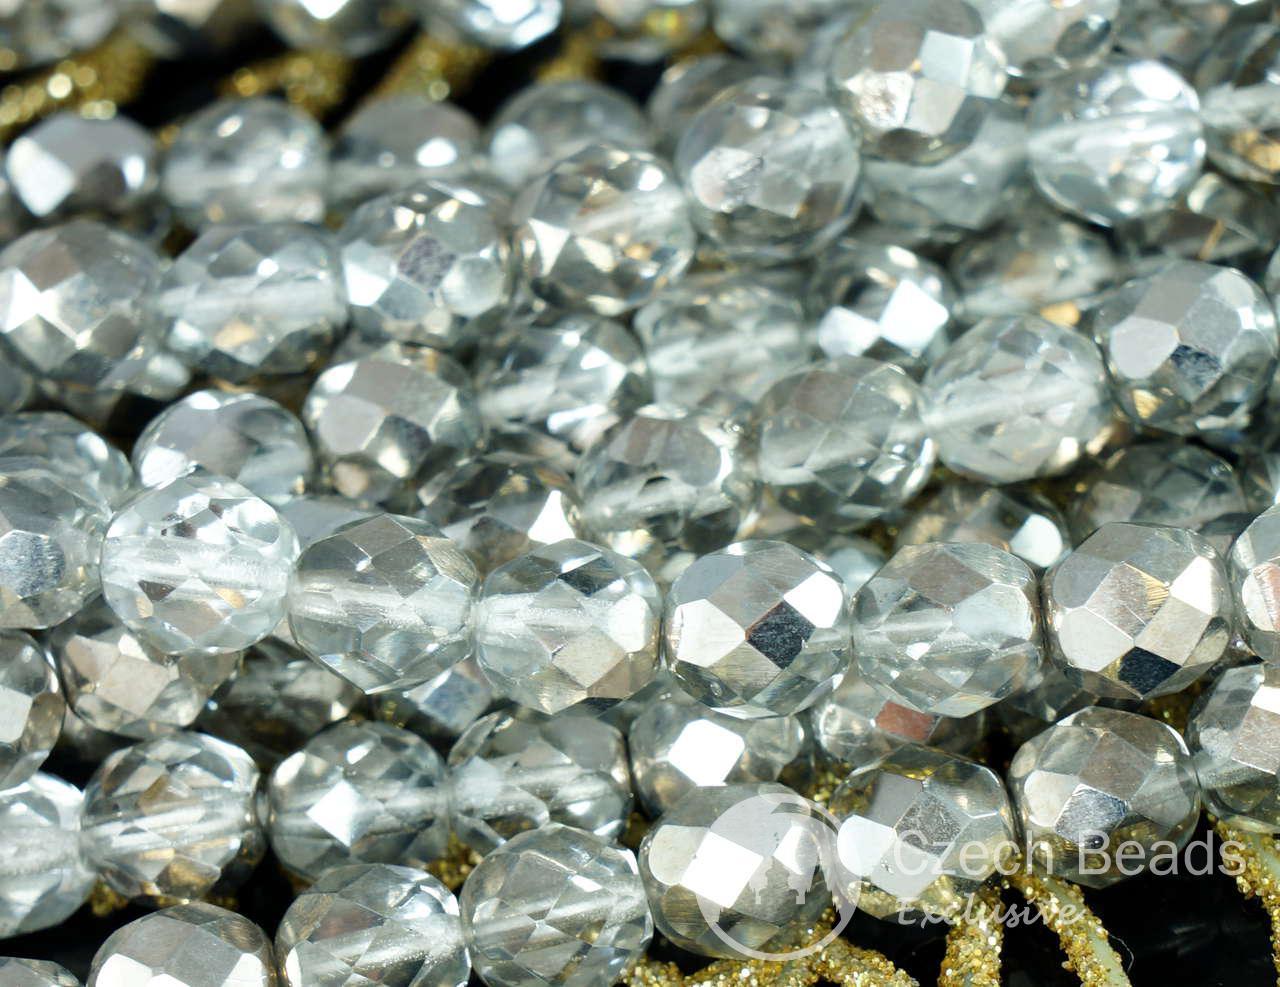 Серебряный кристалл половина зеленые чешские стеклянные граненые круглые бусины полированные огнем 8мм 20шт для $ 2.46 из Czech Beads Exclusive